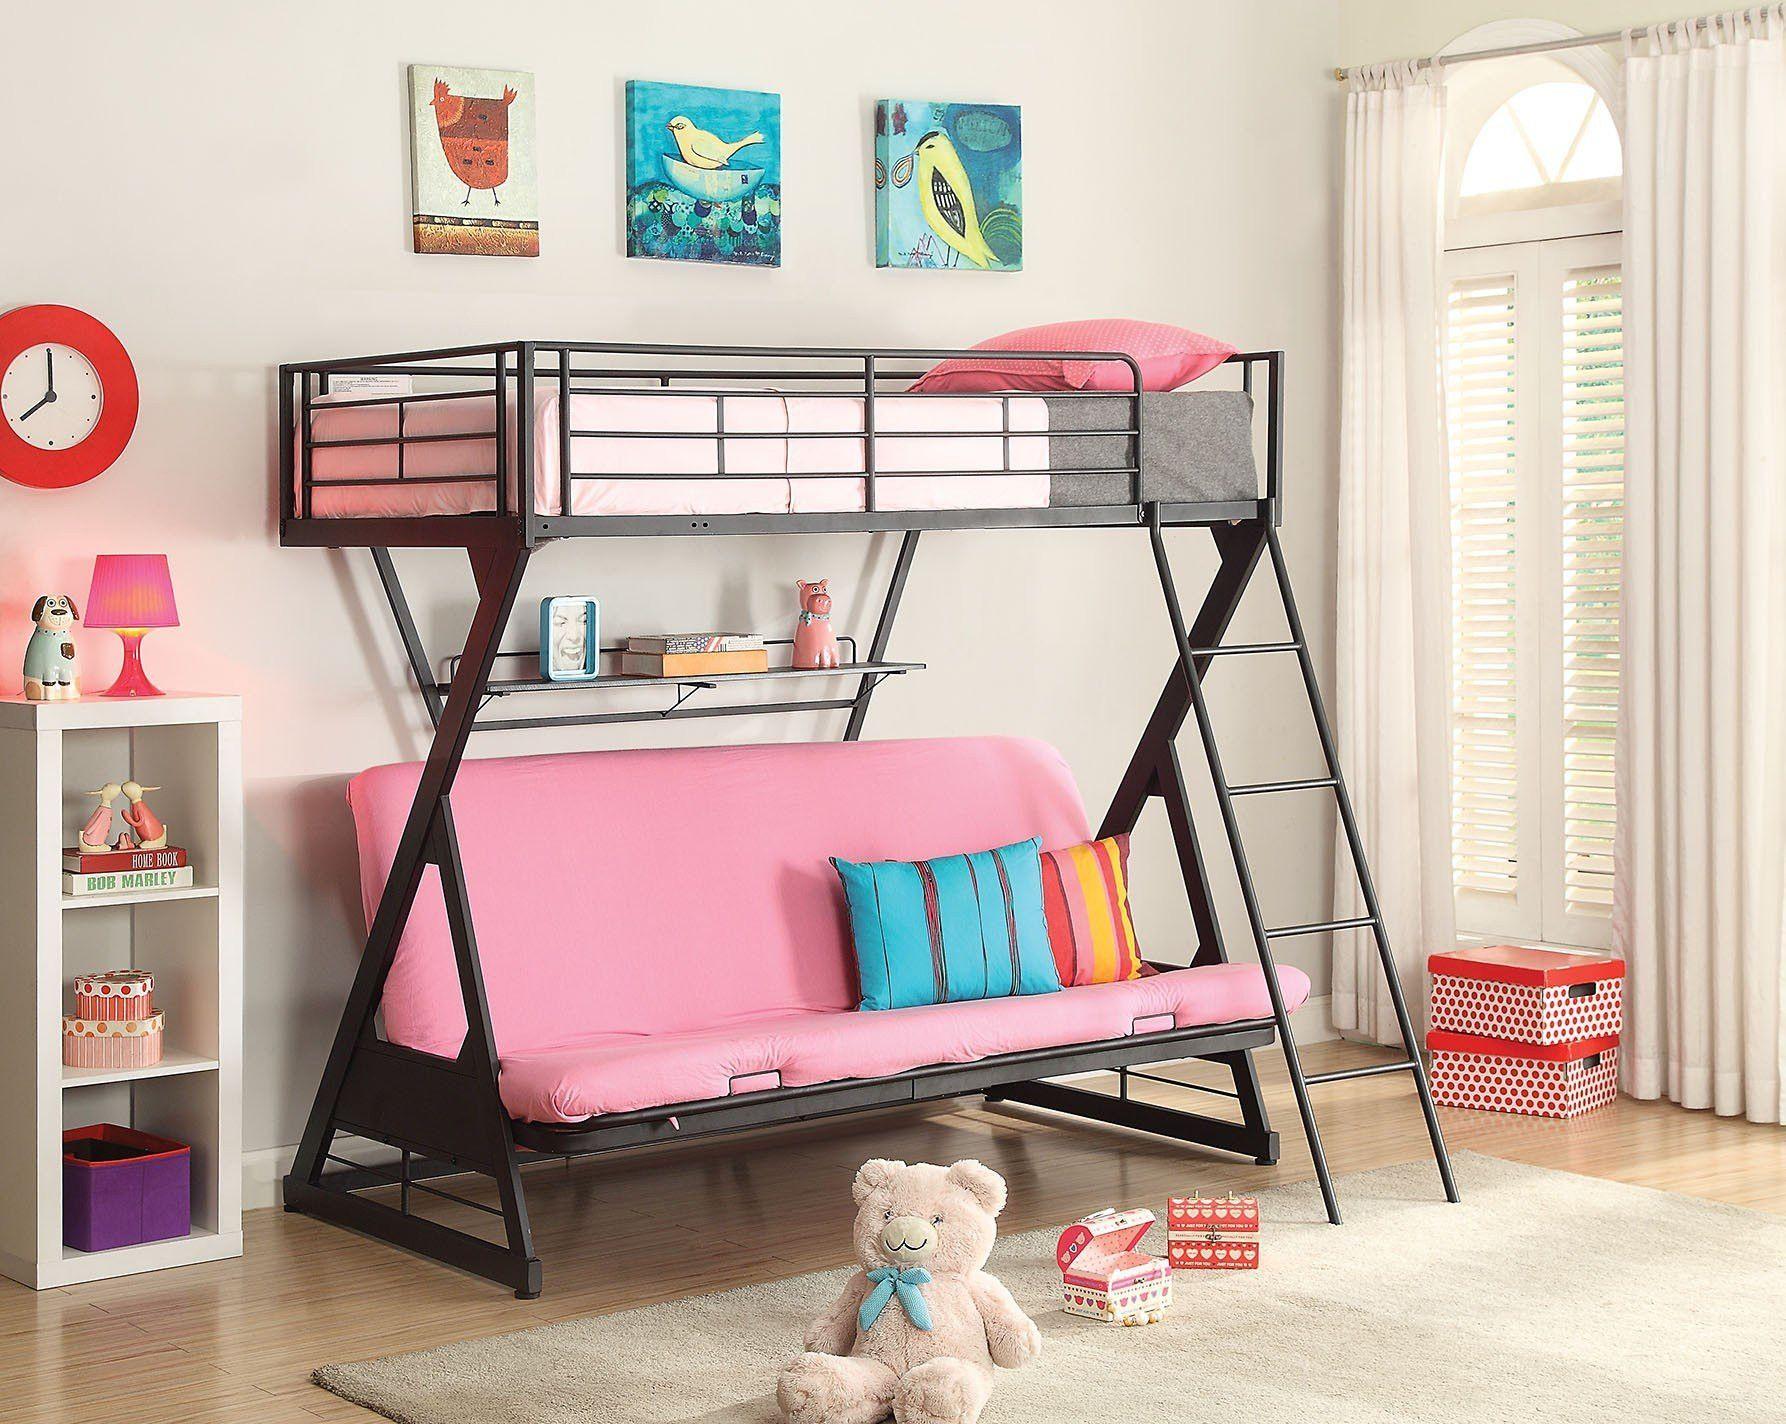 Queen size loft bed with stairs  Zazie TwinFull Futon Bunk Bed WBookShelf   Futon bunk bed